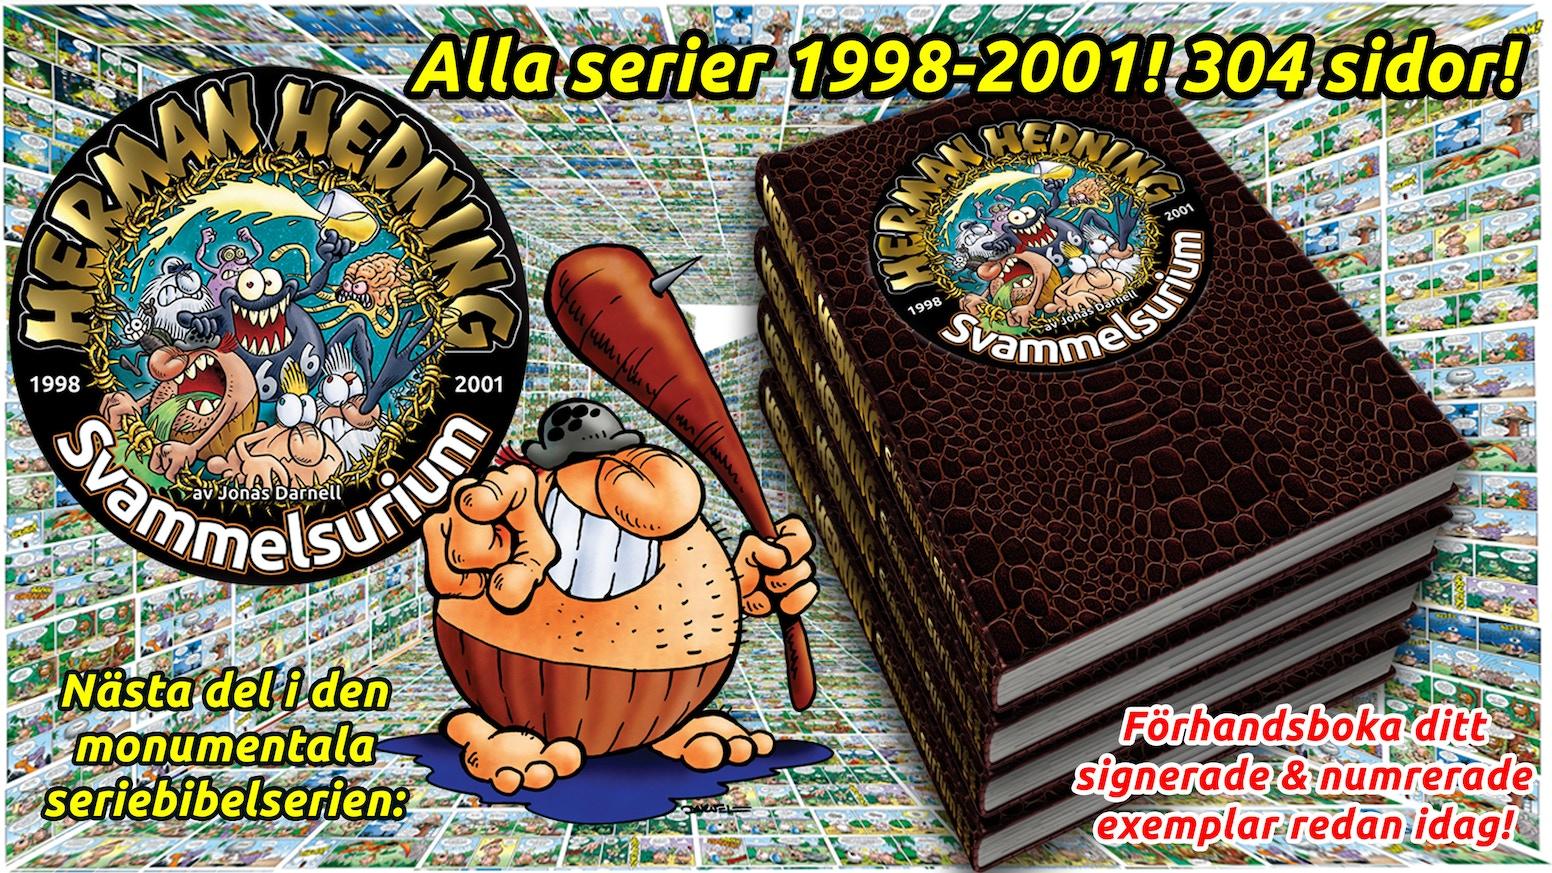 Alla Hermanserier 1998-2001, instängda i oäkta dinosaurieläder och späckad med smutsiga fakta och rena lögner. 304 sidor! Äg den!